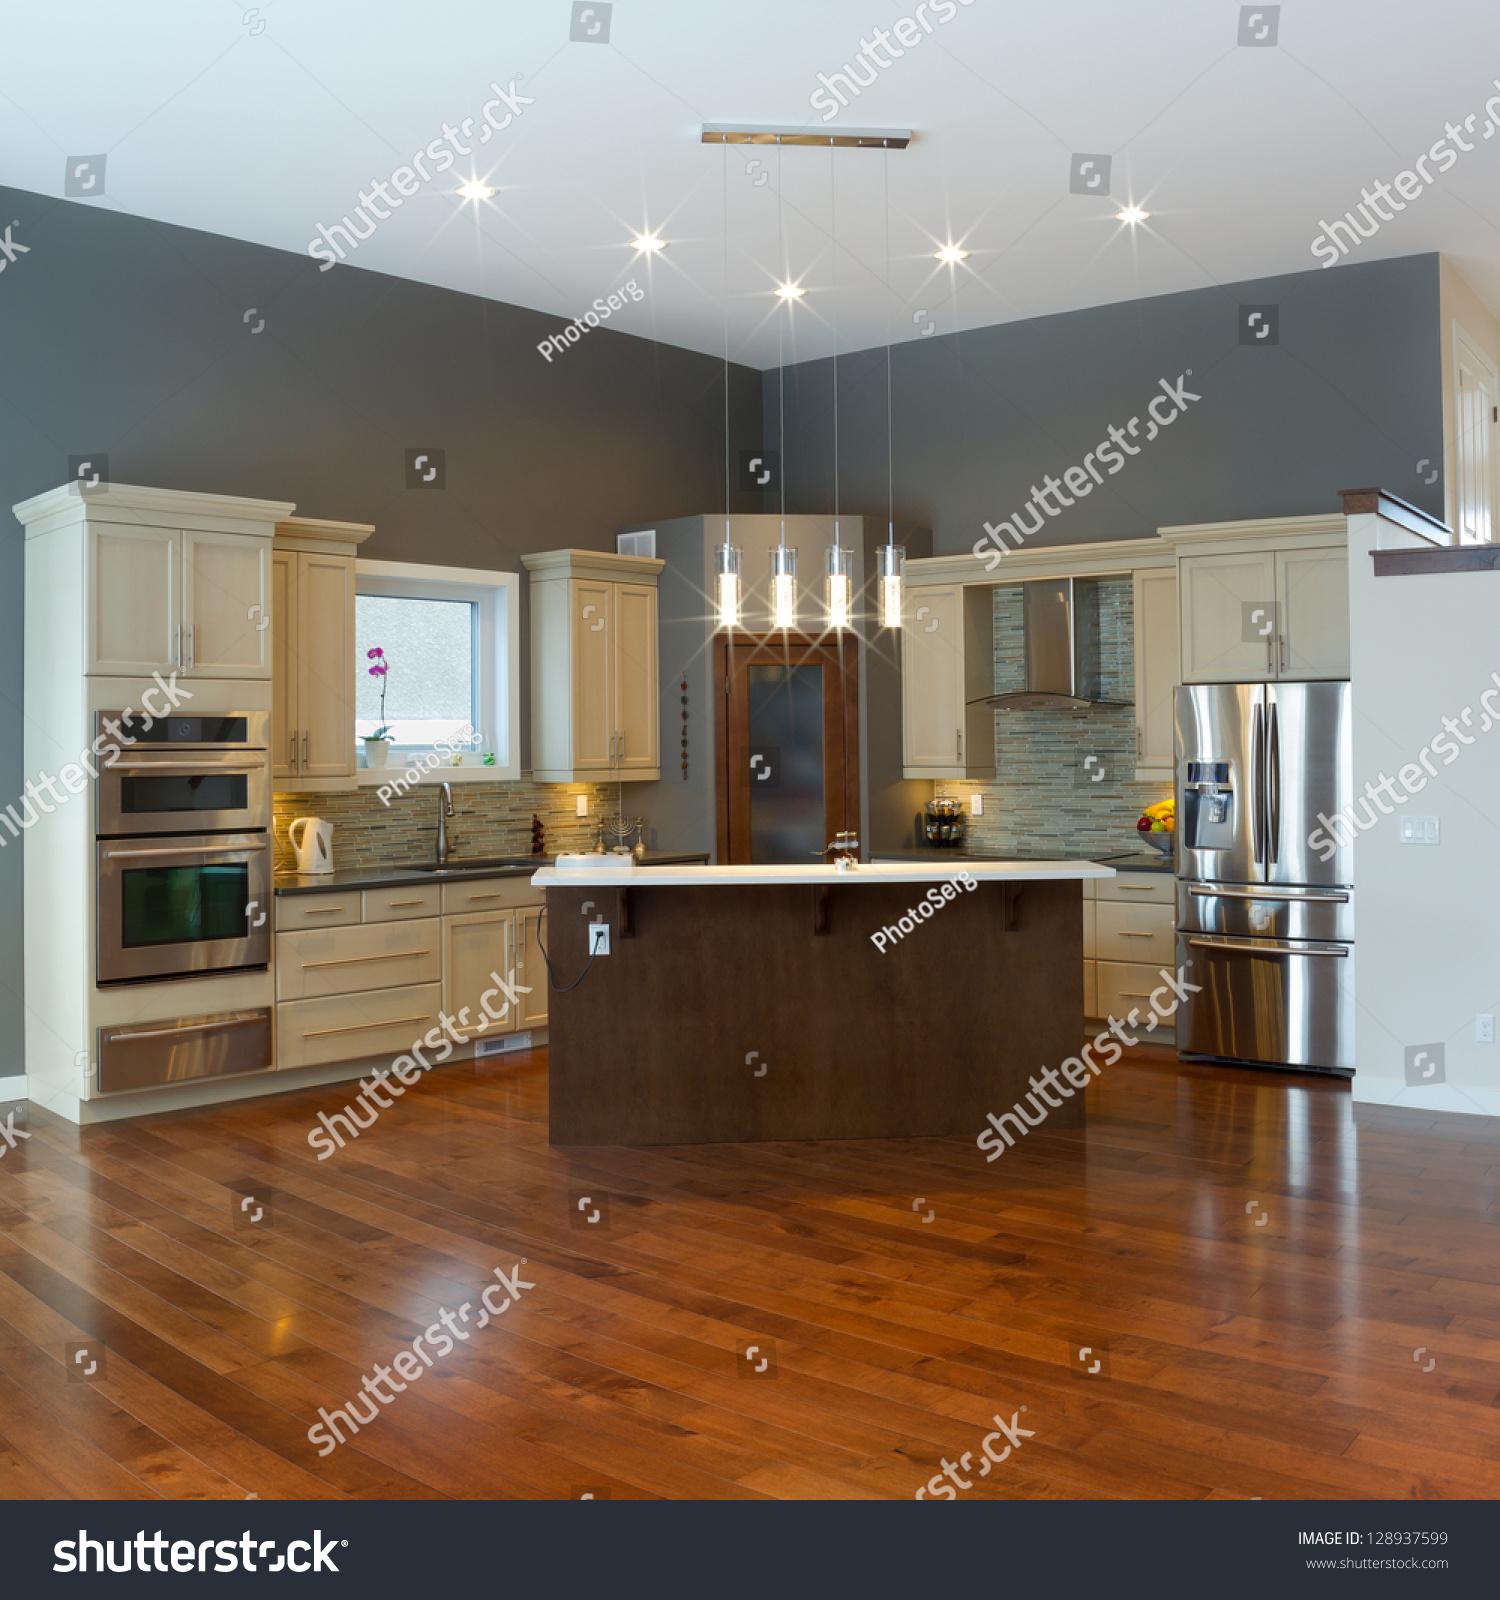 Kitchen Modern Contemporary Interior Design: Interior Design Modern Kitchen Stock Photo 128937599